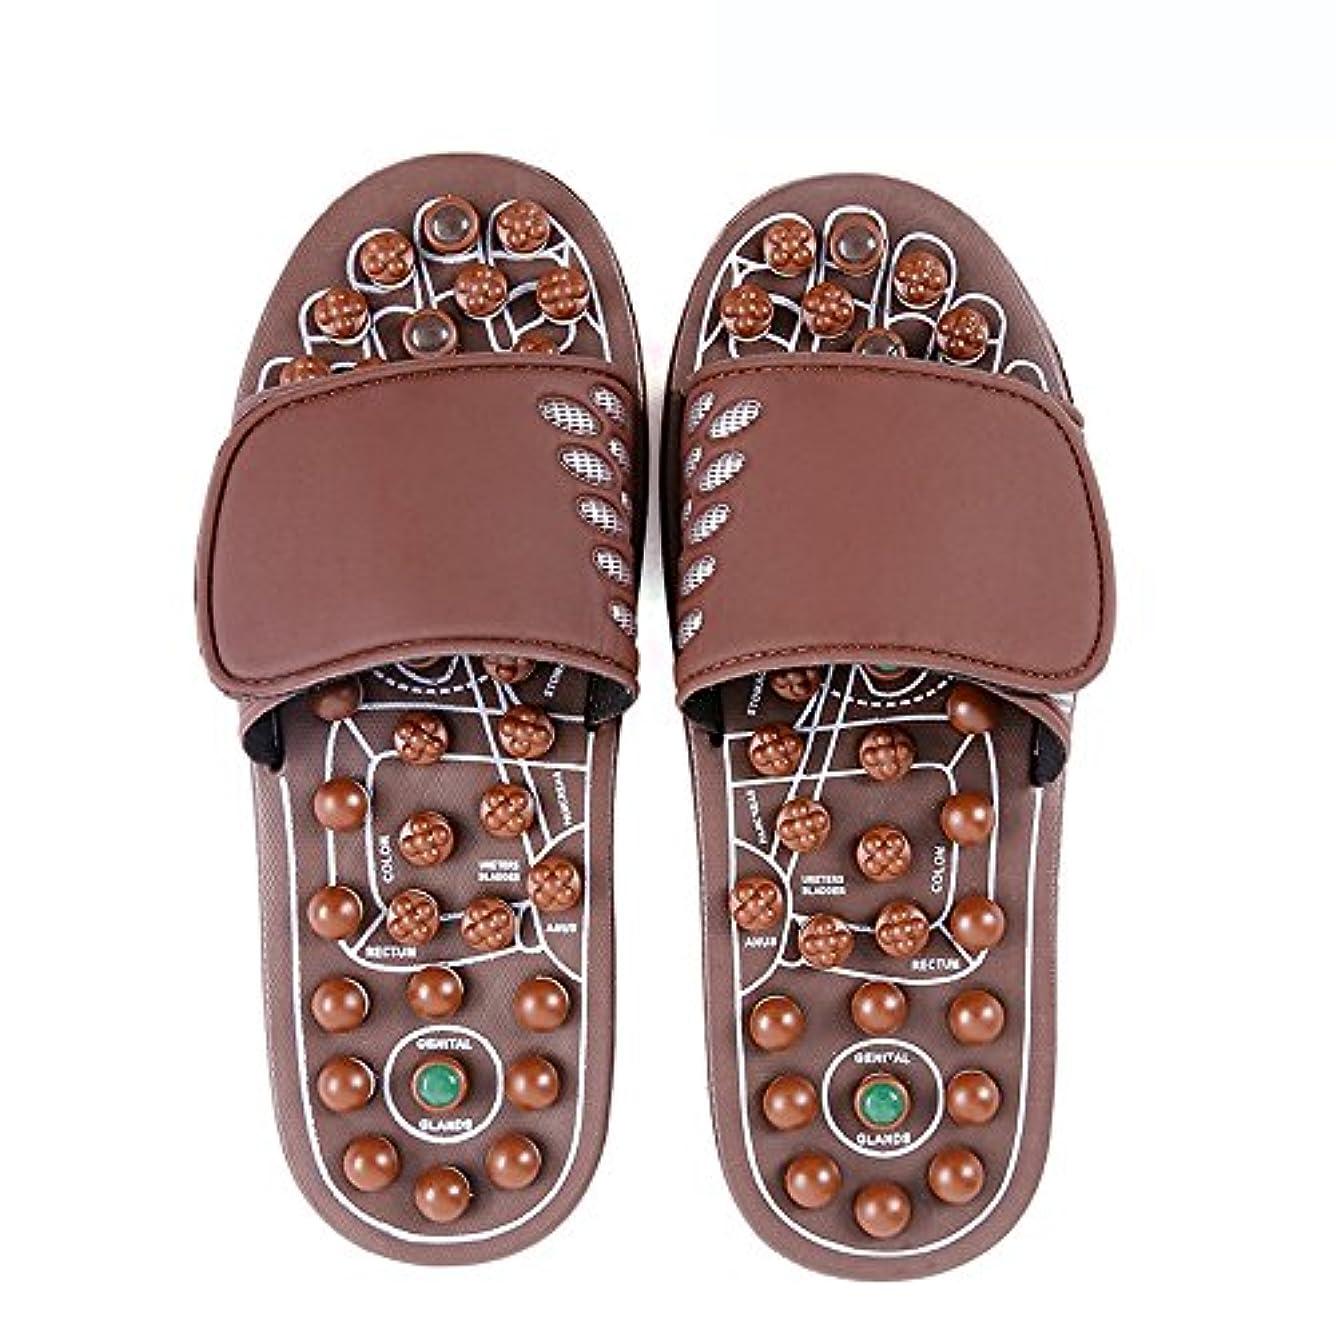 不振原点十分ではない快適 ジェイドマッサージスリッパ女性の足指圧ホームシューズ滑り止めスリッパ屋内マッサージシューズ(オプションのサイズ) 増加した (サイズ さいず : L(43-46))